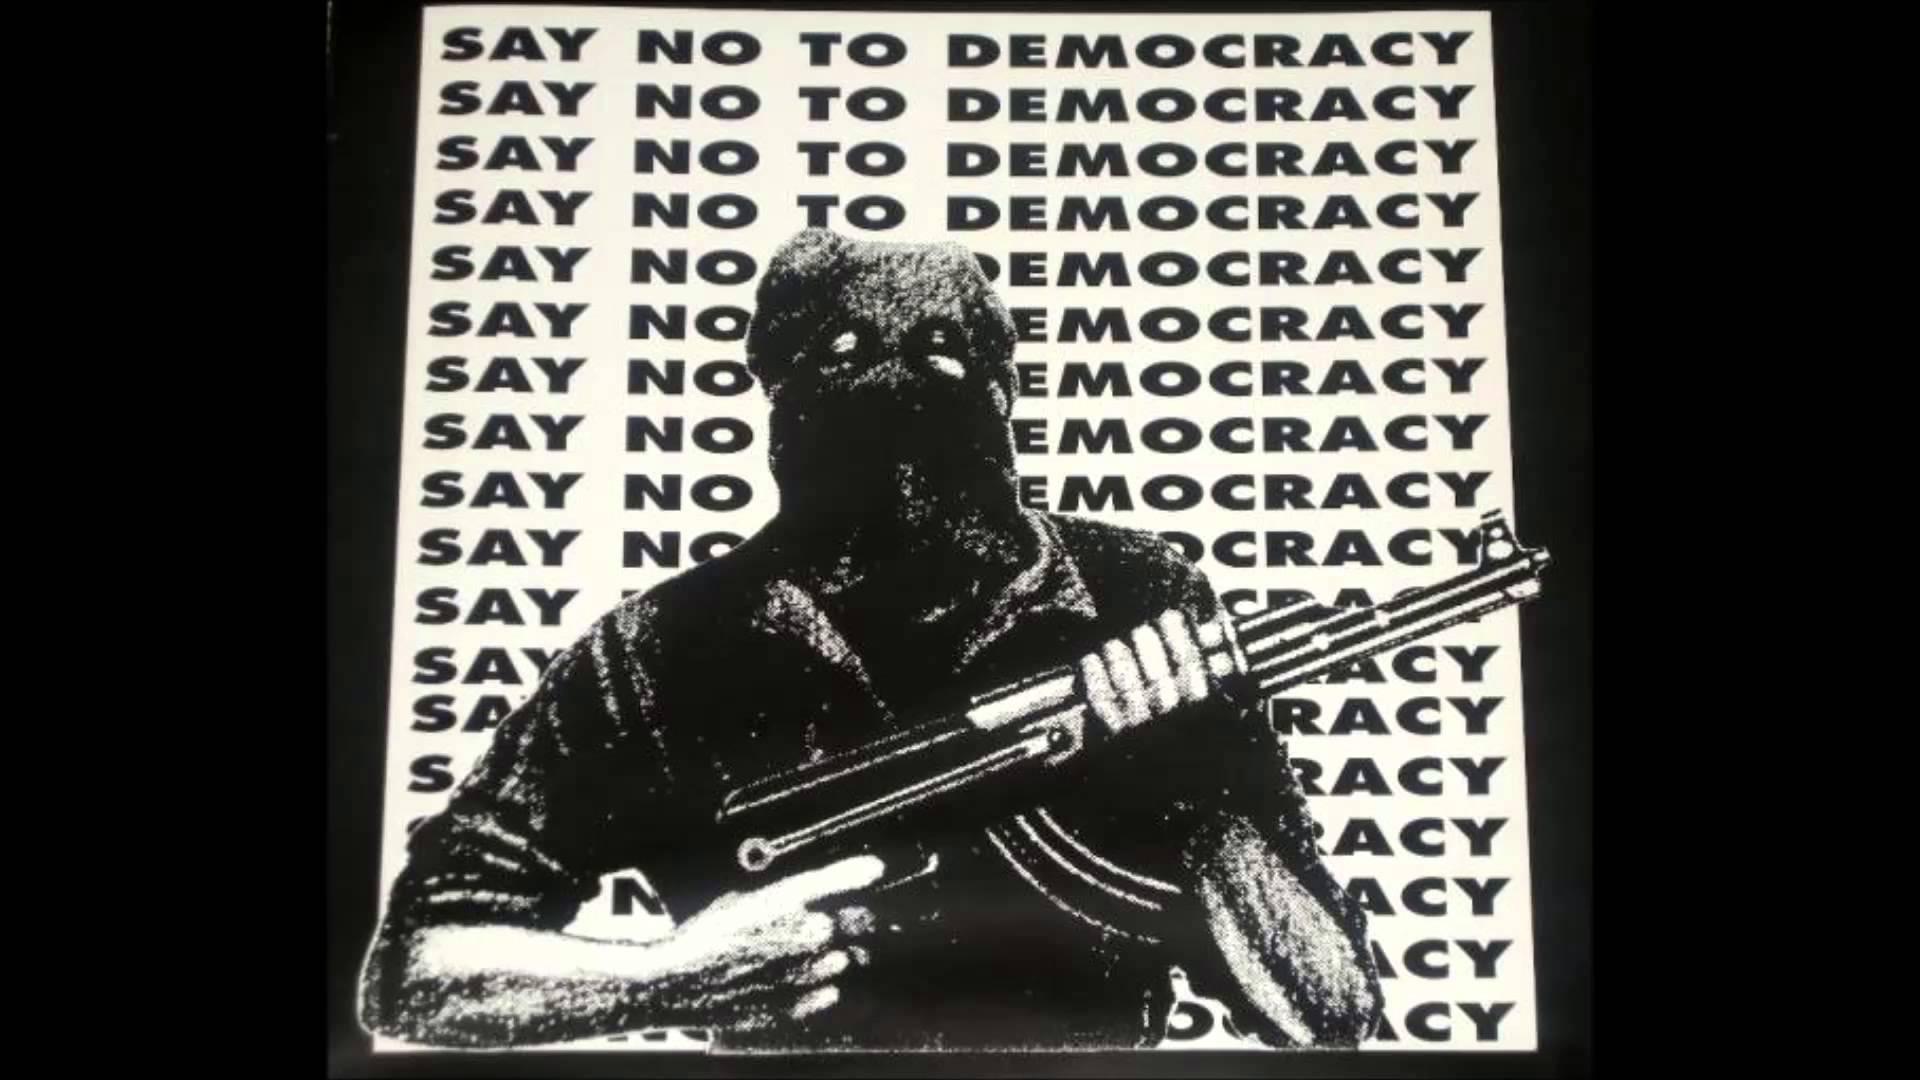 Szimpatikus társaság, a Szürke Farkasok egyik plakátja / Fotó: Youtube.com